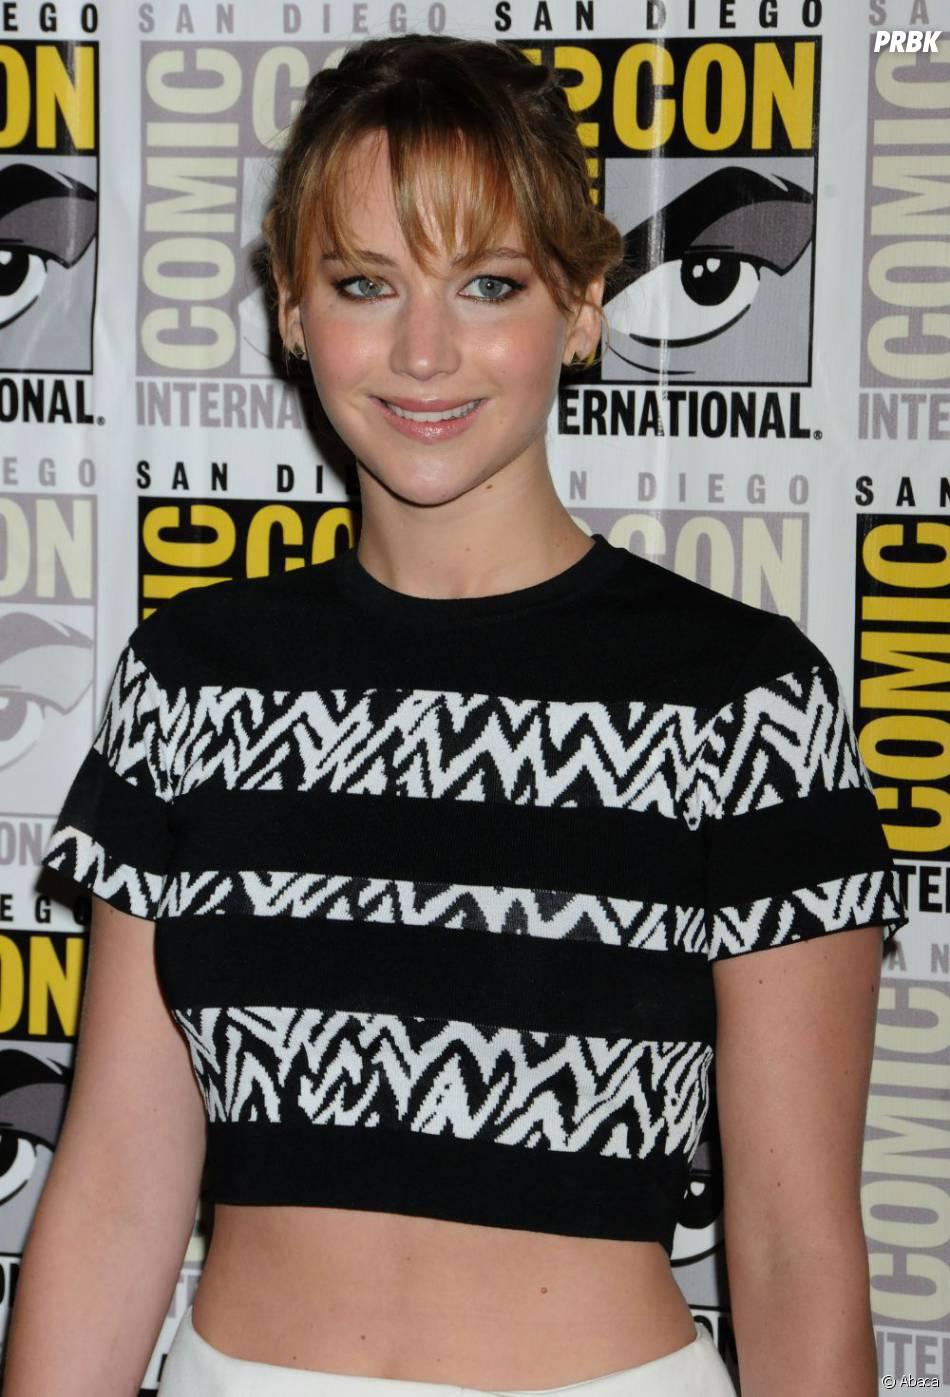 Jennifer Lawrence tout sourire au Comic Con 2013